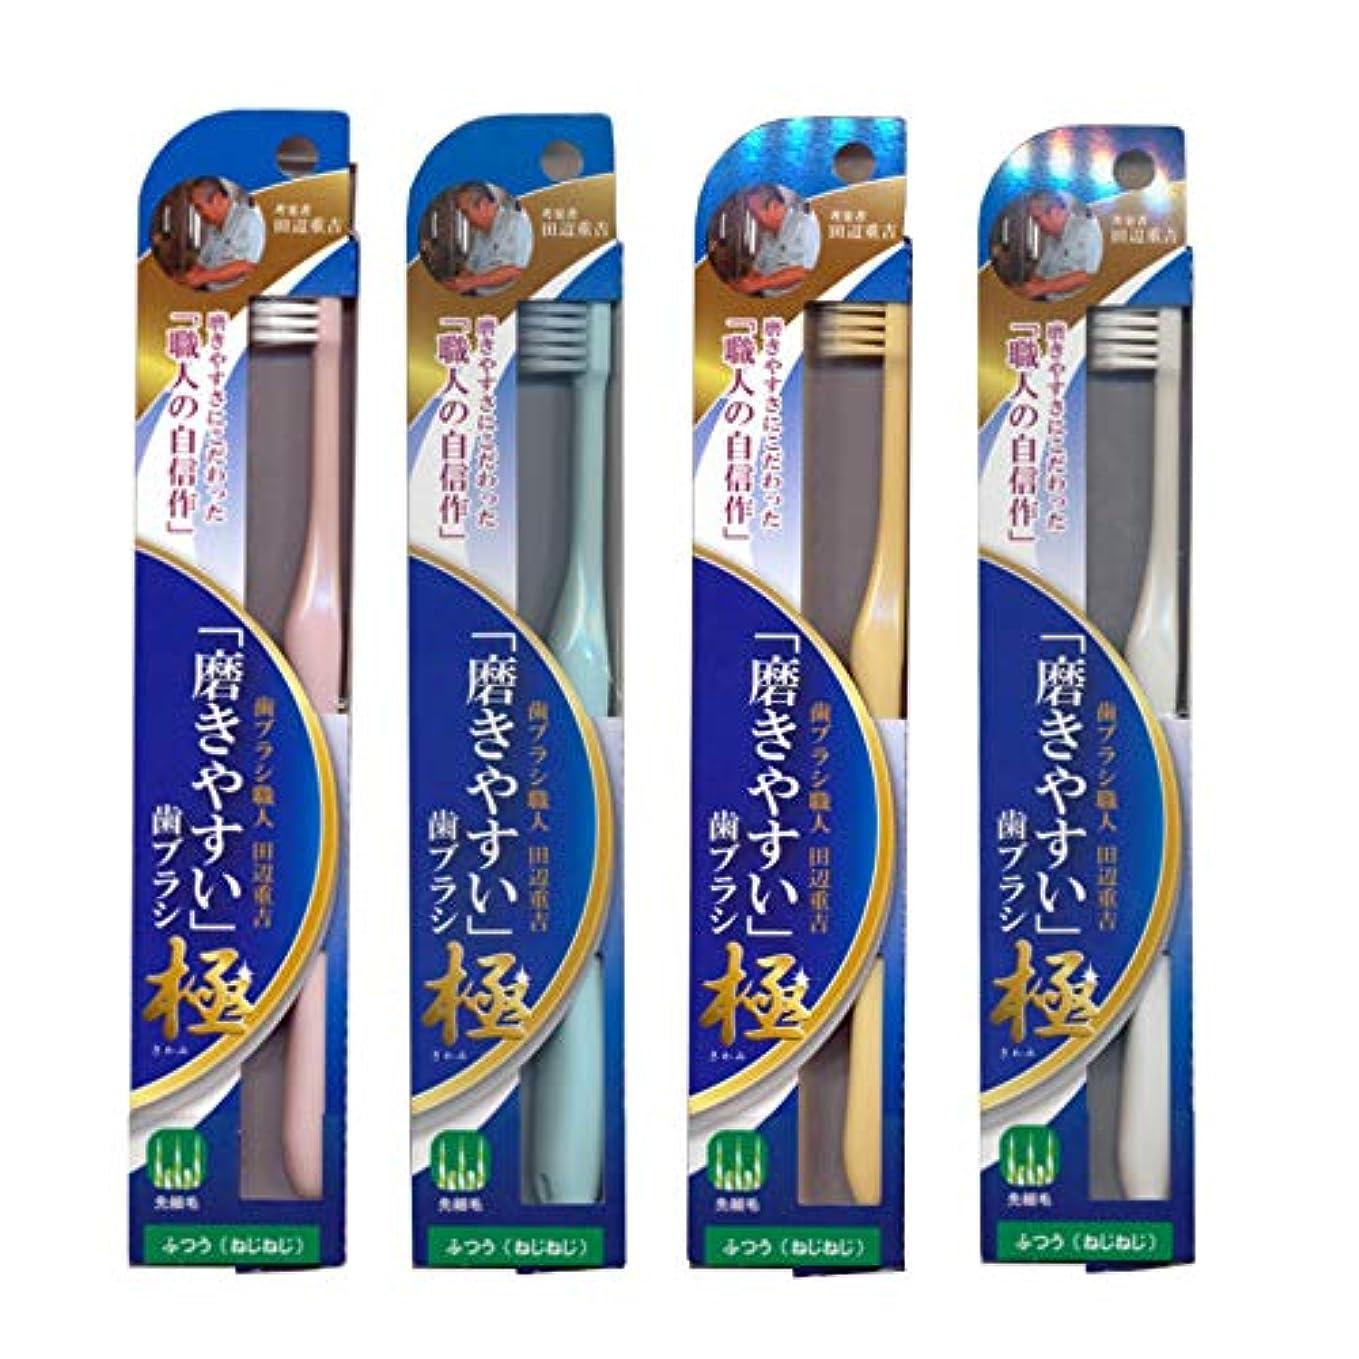 文法腹ベース磨きやすい歯ブラシ極 (ふつう ねじねじ) LT-45×4本セット(ピンク×1、ブルー×1、ホワイト×1、イエロー×1) 先細毛